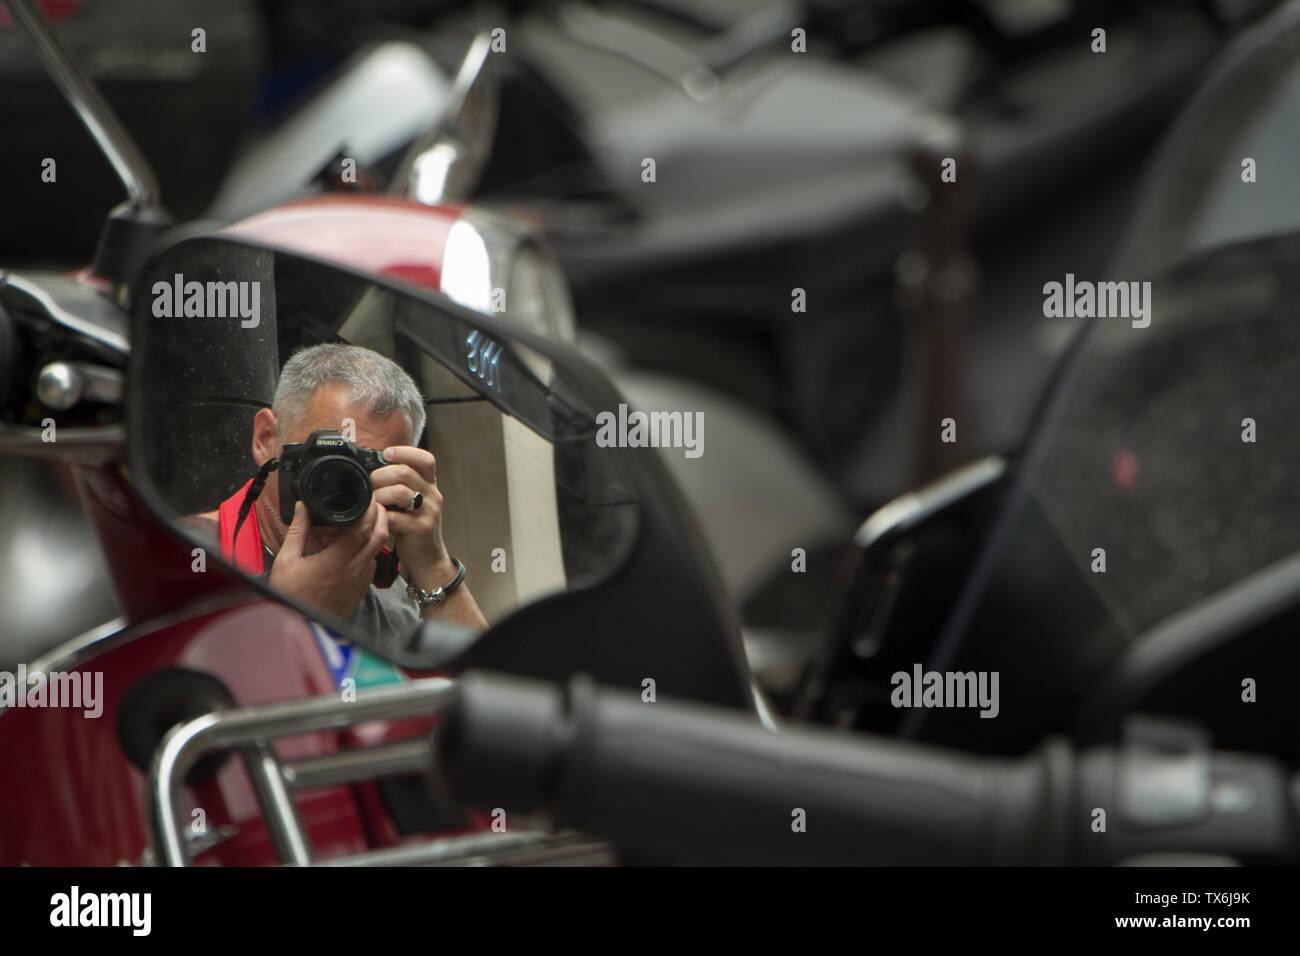 Paris, Frankreich, 05.Juli 2018: Ein Fotograf nimmt seine selfie Im Rückspiegel eines Motorrads geparkt auf einer Straße in Paris. Stockfoto